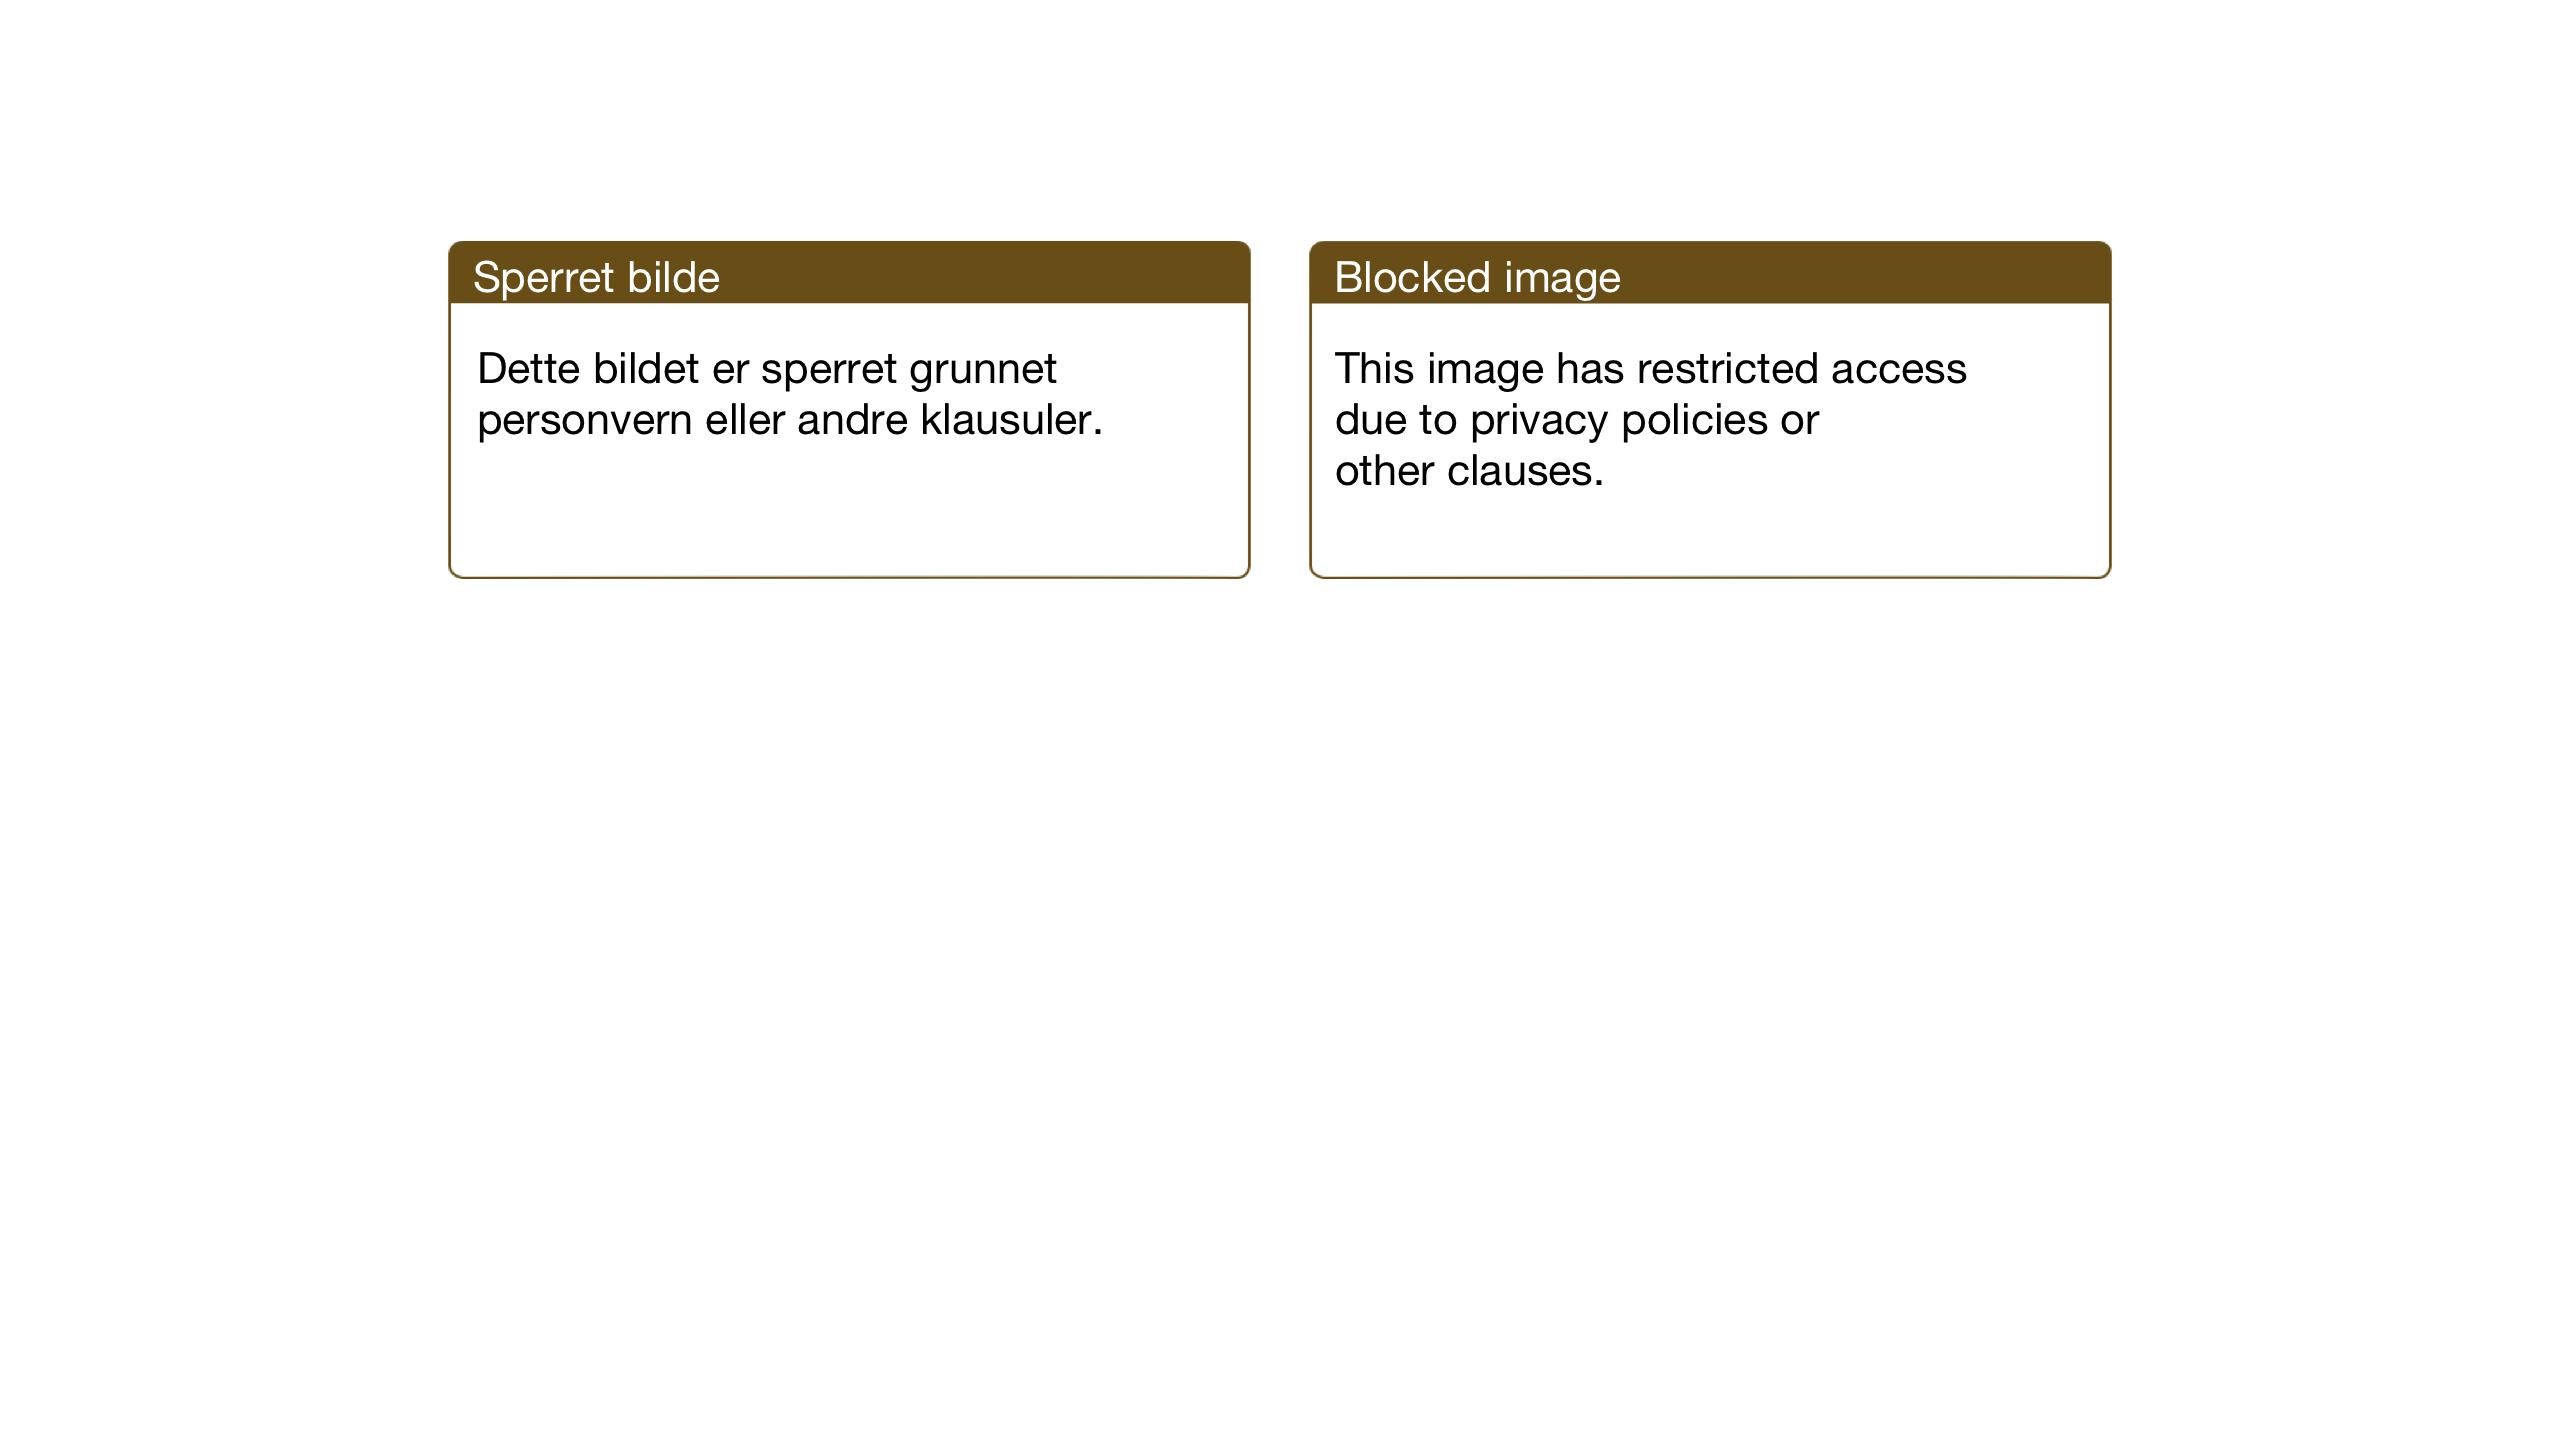 SAT, Ministerialprotokoller, klokkerbøker og fødselsregistre - Nord-Trøndelag, 744/L0425: Klokkerbok nr. 744C04, 1924-1947, s. 41